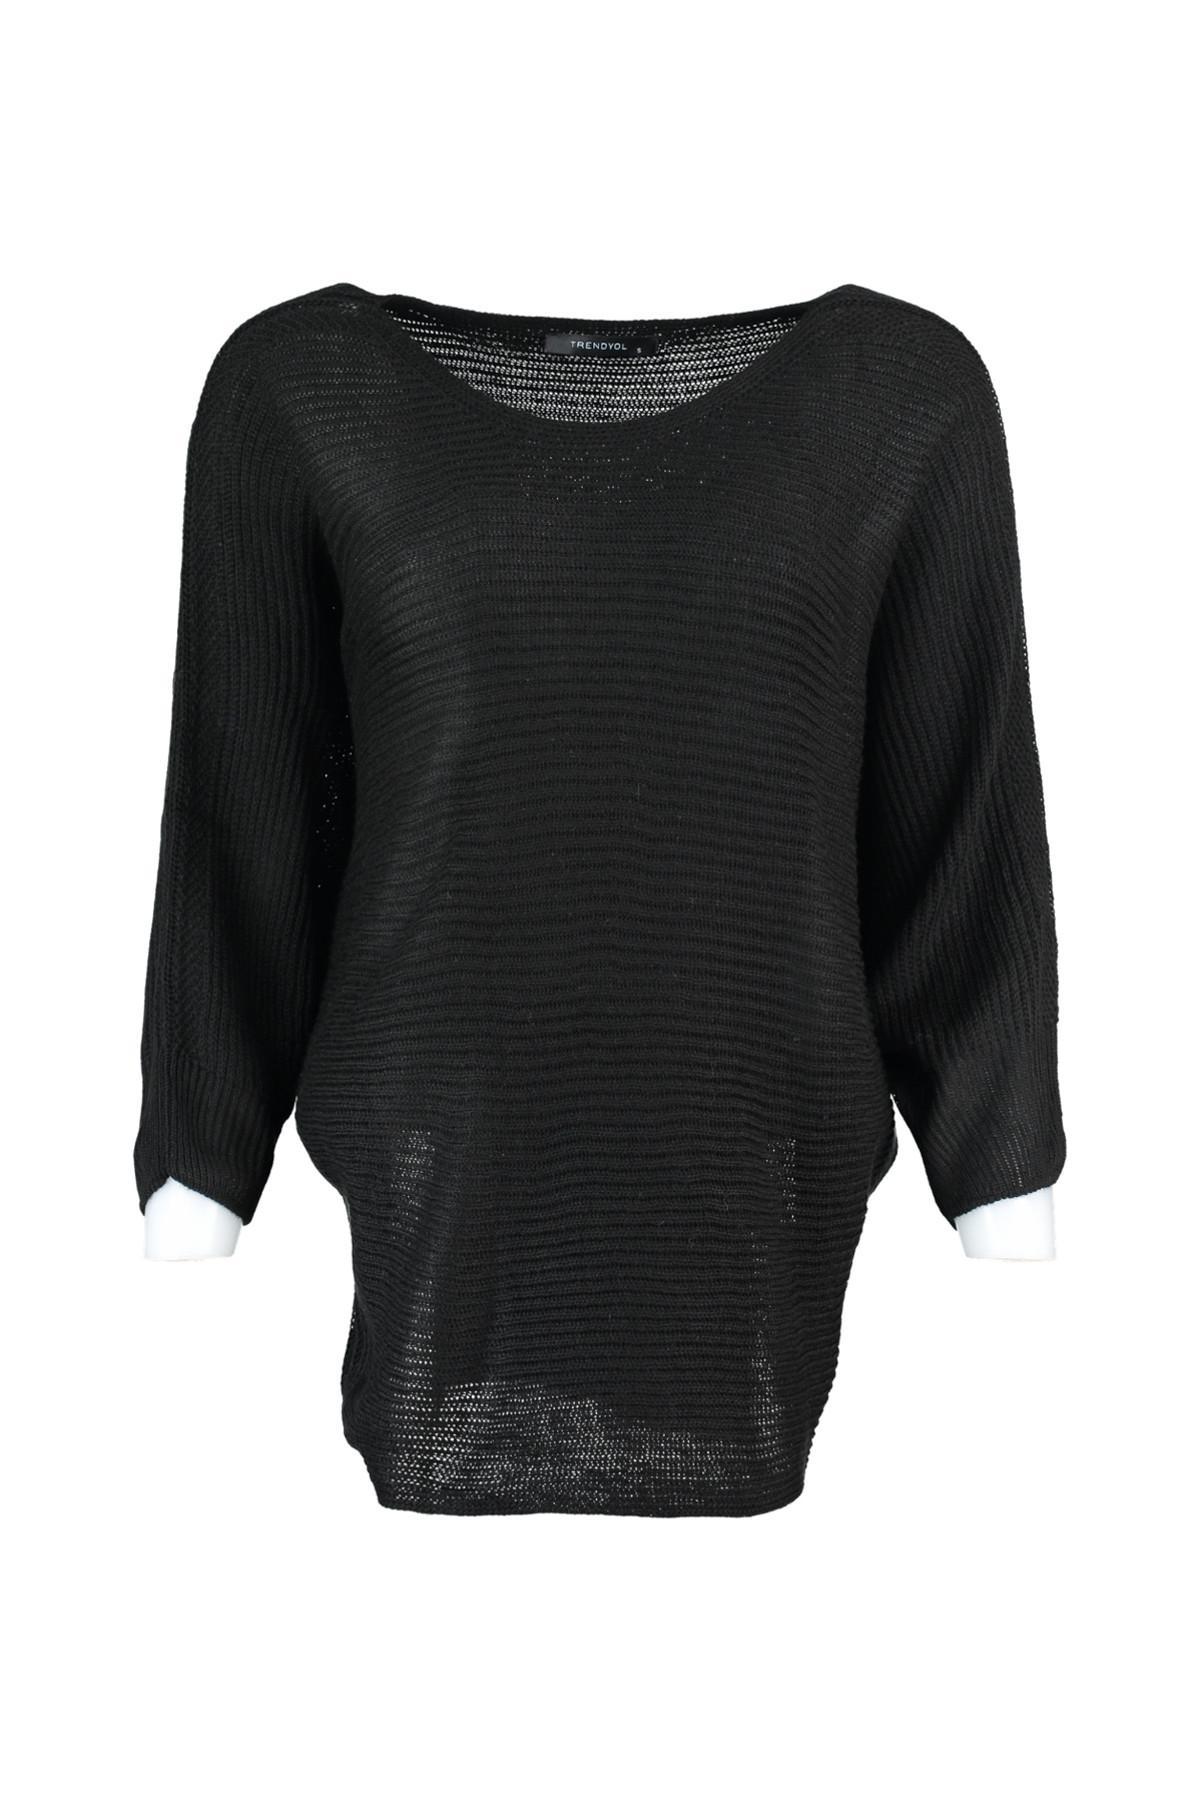 Trendyol WOMEN-Black Bat Sleeve Sweater TWOAW20ZA0015